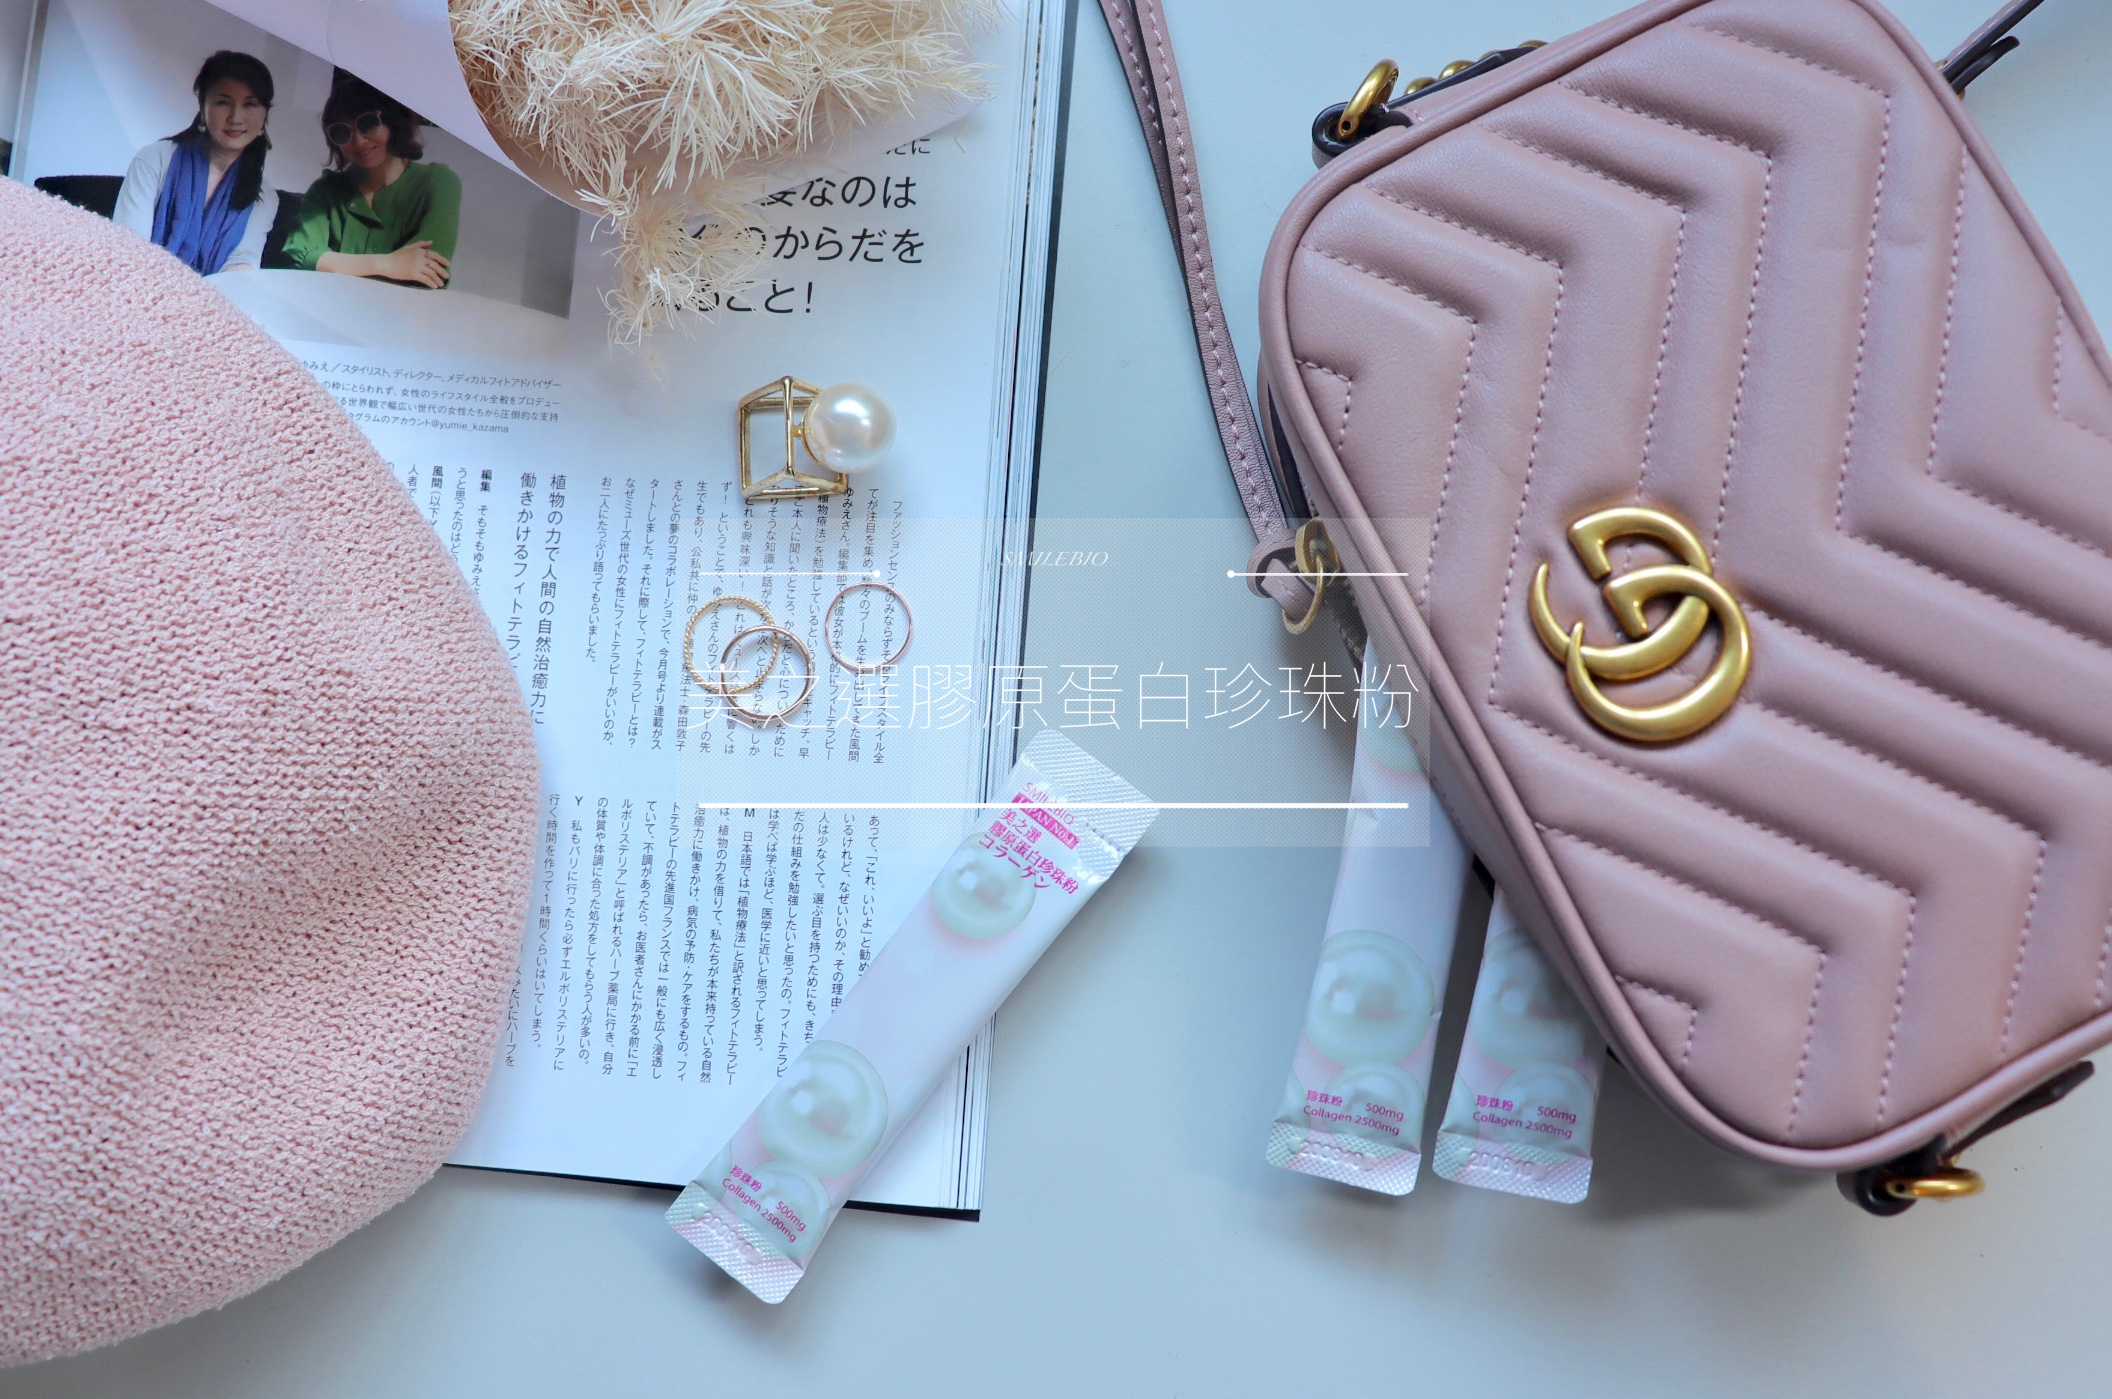 ☆【保養】美之選膠原蛋白珍珠粉。旅遊打包第一順位 @凱的日本食尚日記